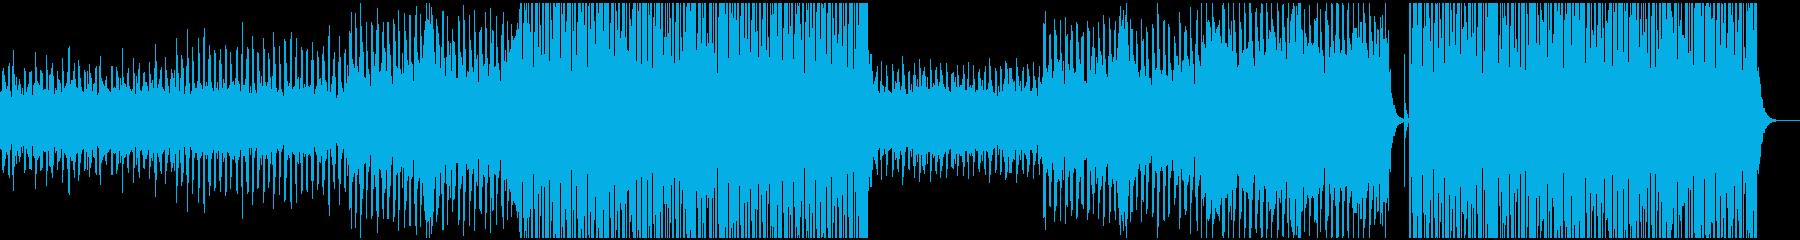 トロピカルでゆったりしたレゲエビートの再生済みの波形